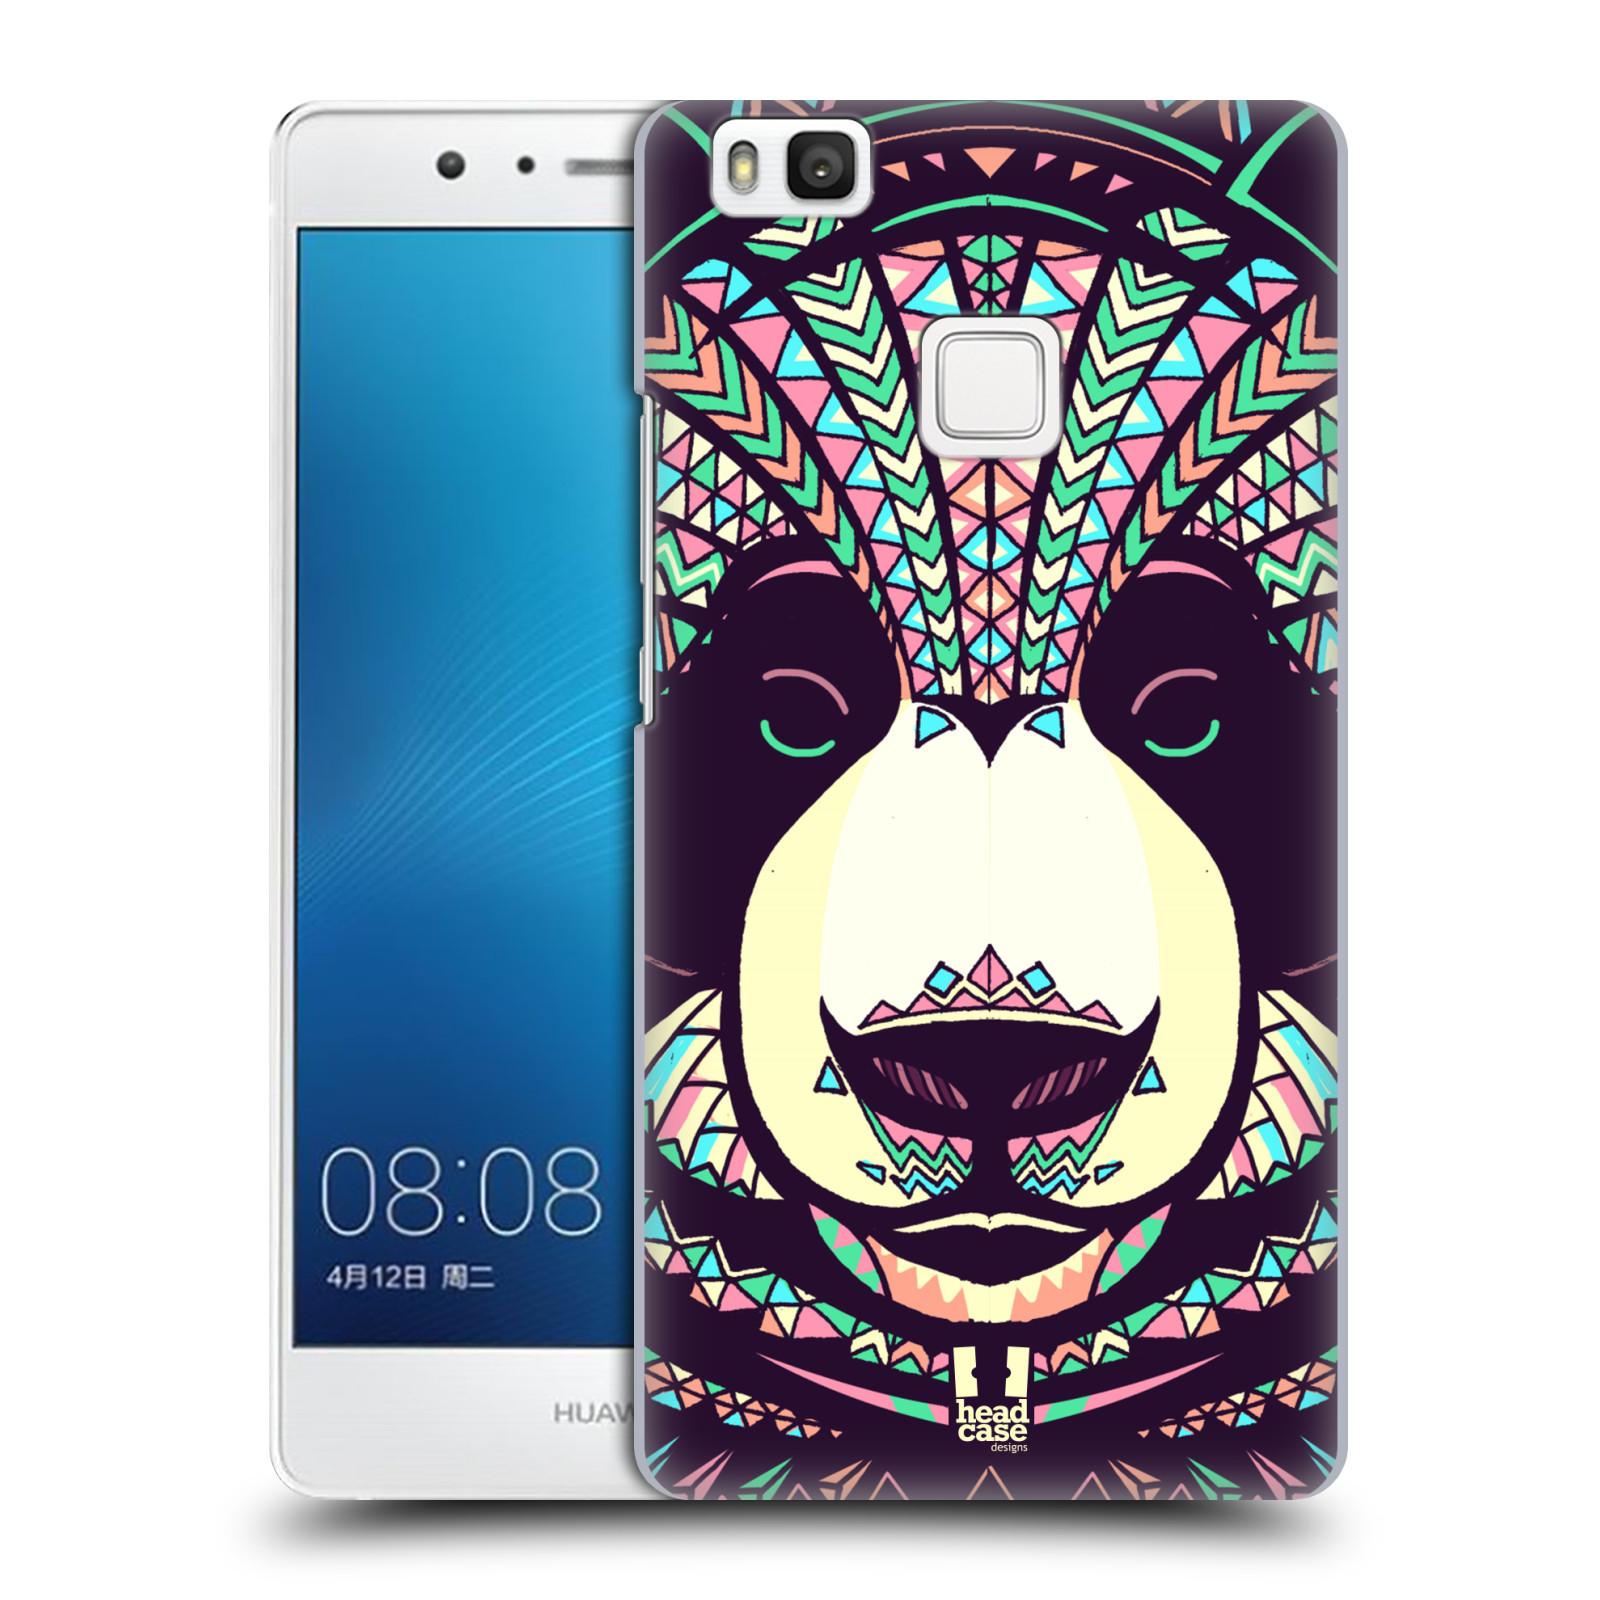 HEAD CASE plastový obal na mobil Huawei P9 LITE / P9 LITE DUAL SIM vzor Aztécký motiv zvíře 3 panda